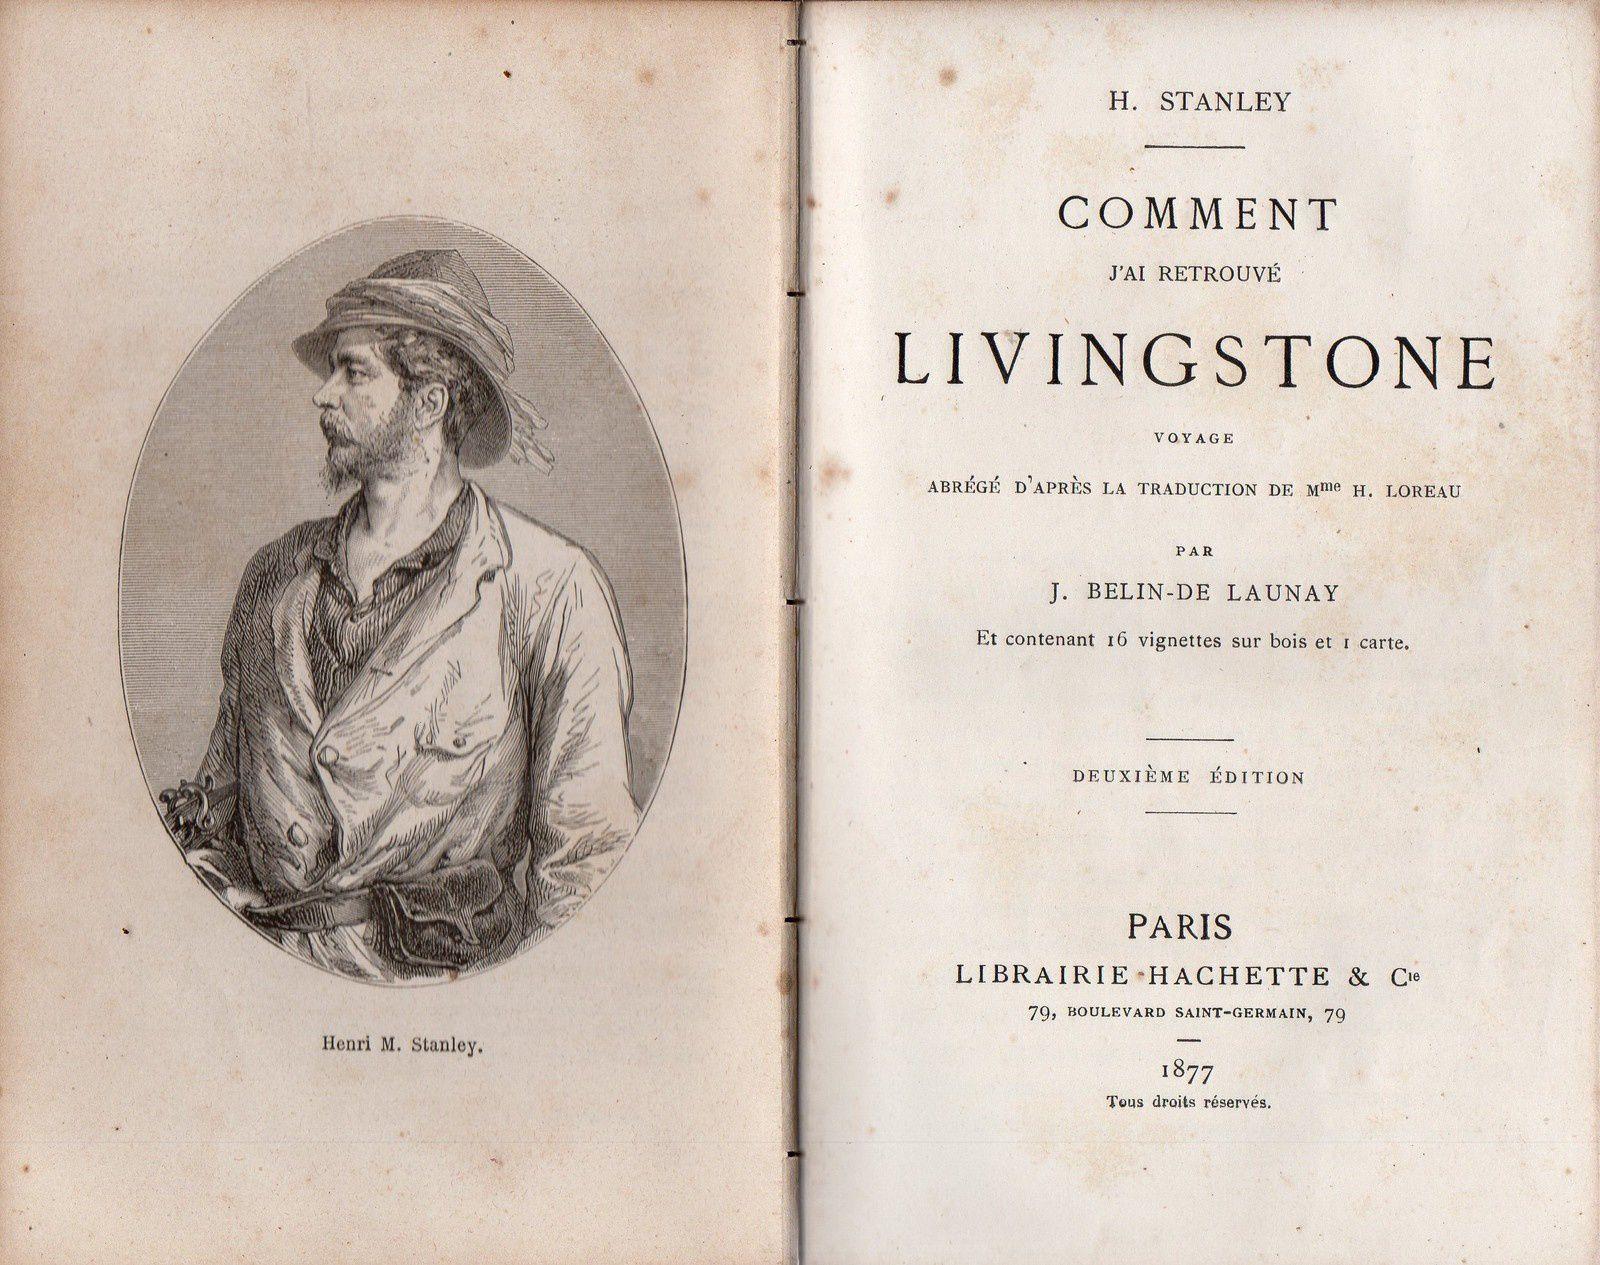 Je possède un excellent livre une édition datant de 1877 )  écrit par l'explorateur Henri M Stanley ( exporateur et aussi en quelque sorte sociologue ) intitulé Comment j'ai retrouve  Lingstone ) . En voici deux images .